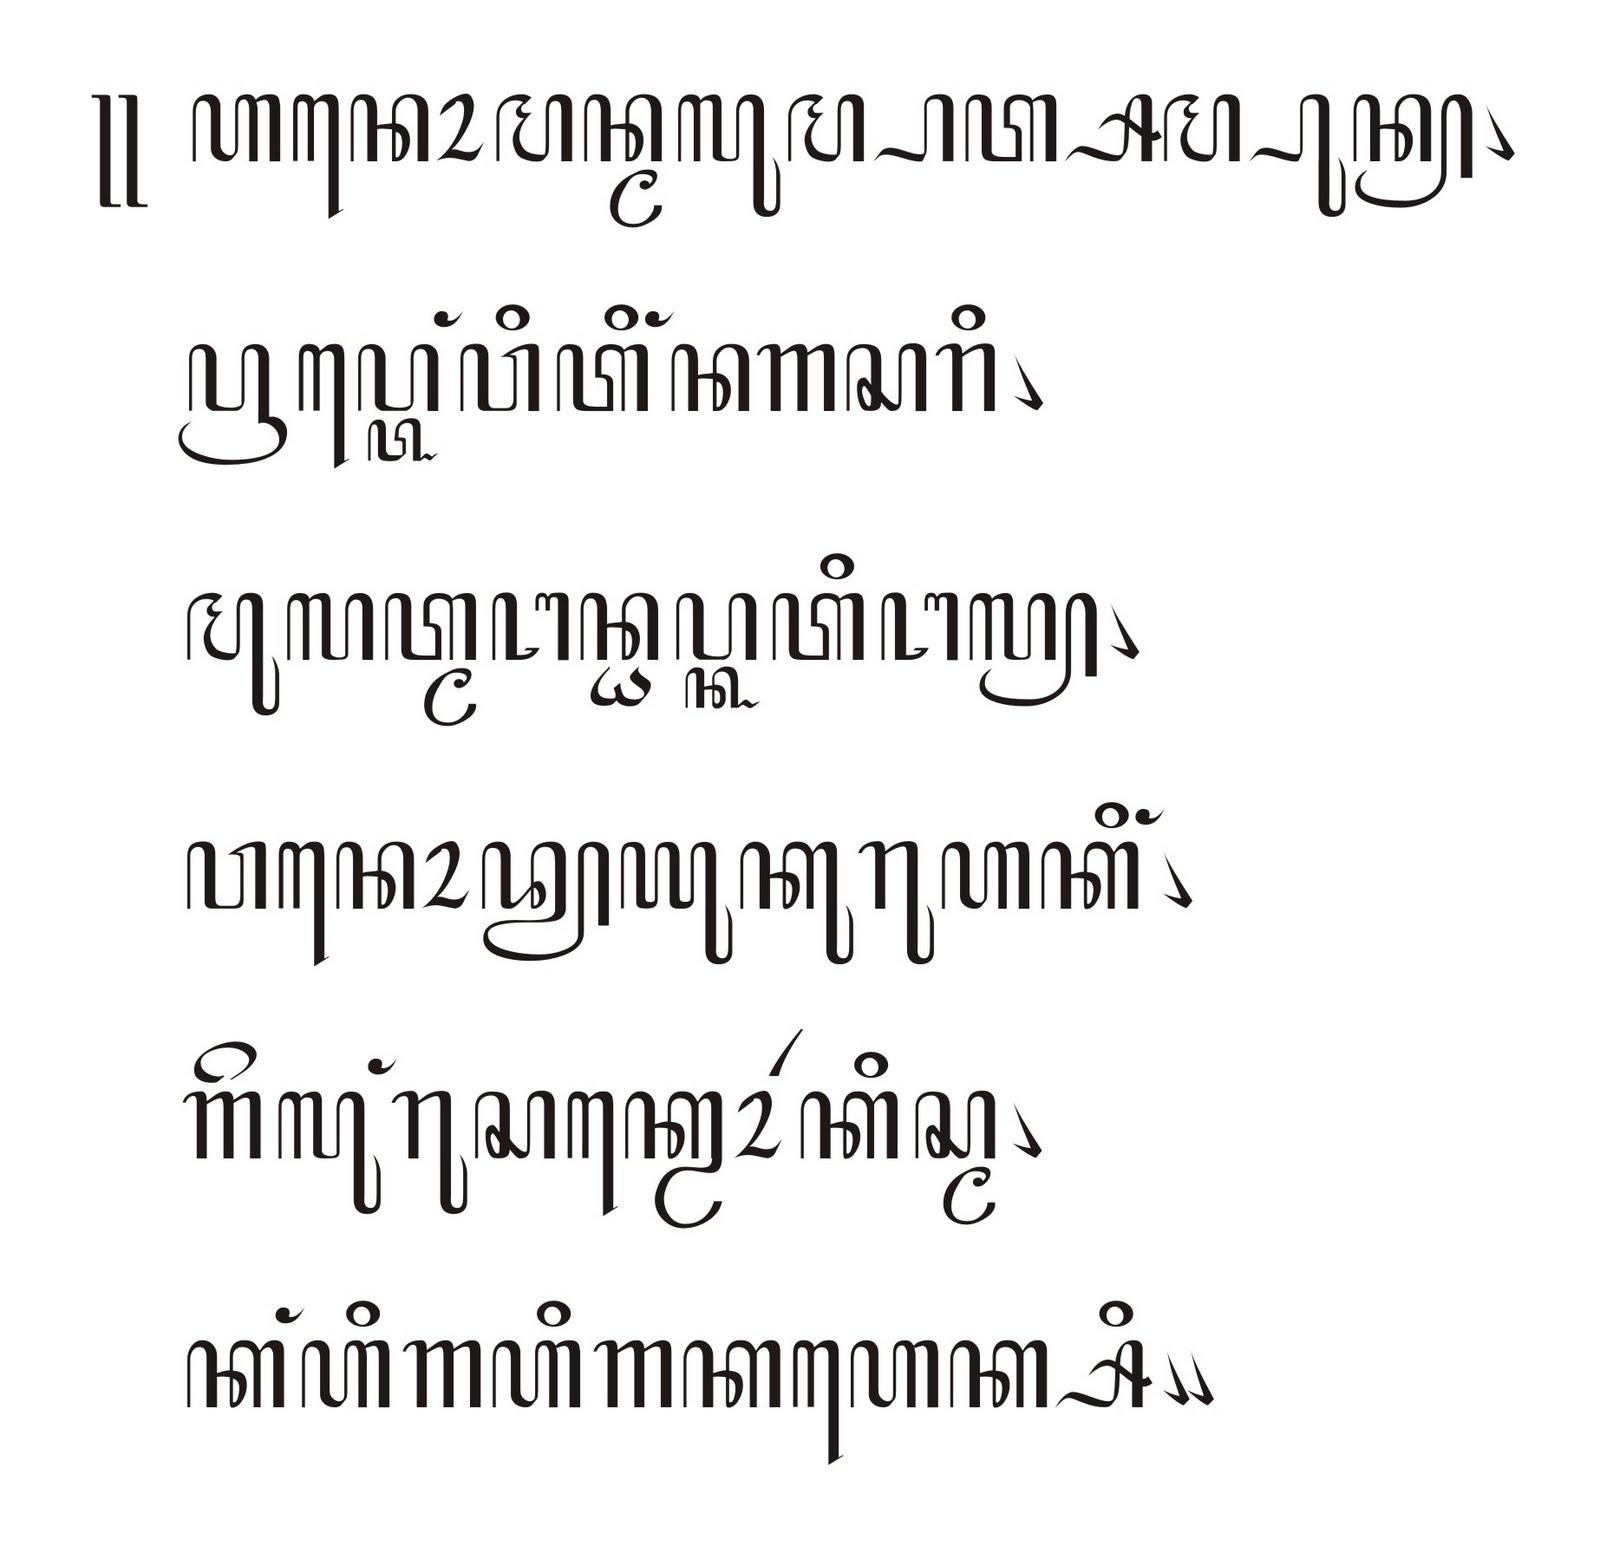 tembang Jawa menggunakan bahasa kiasan dan bahasa Jawa kuno